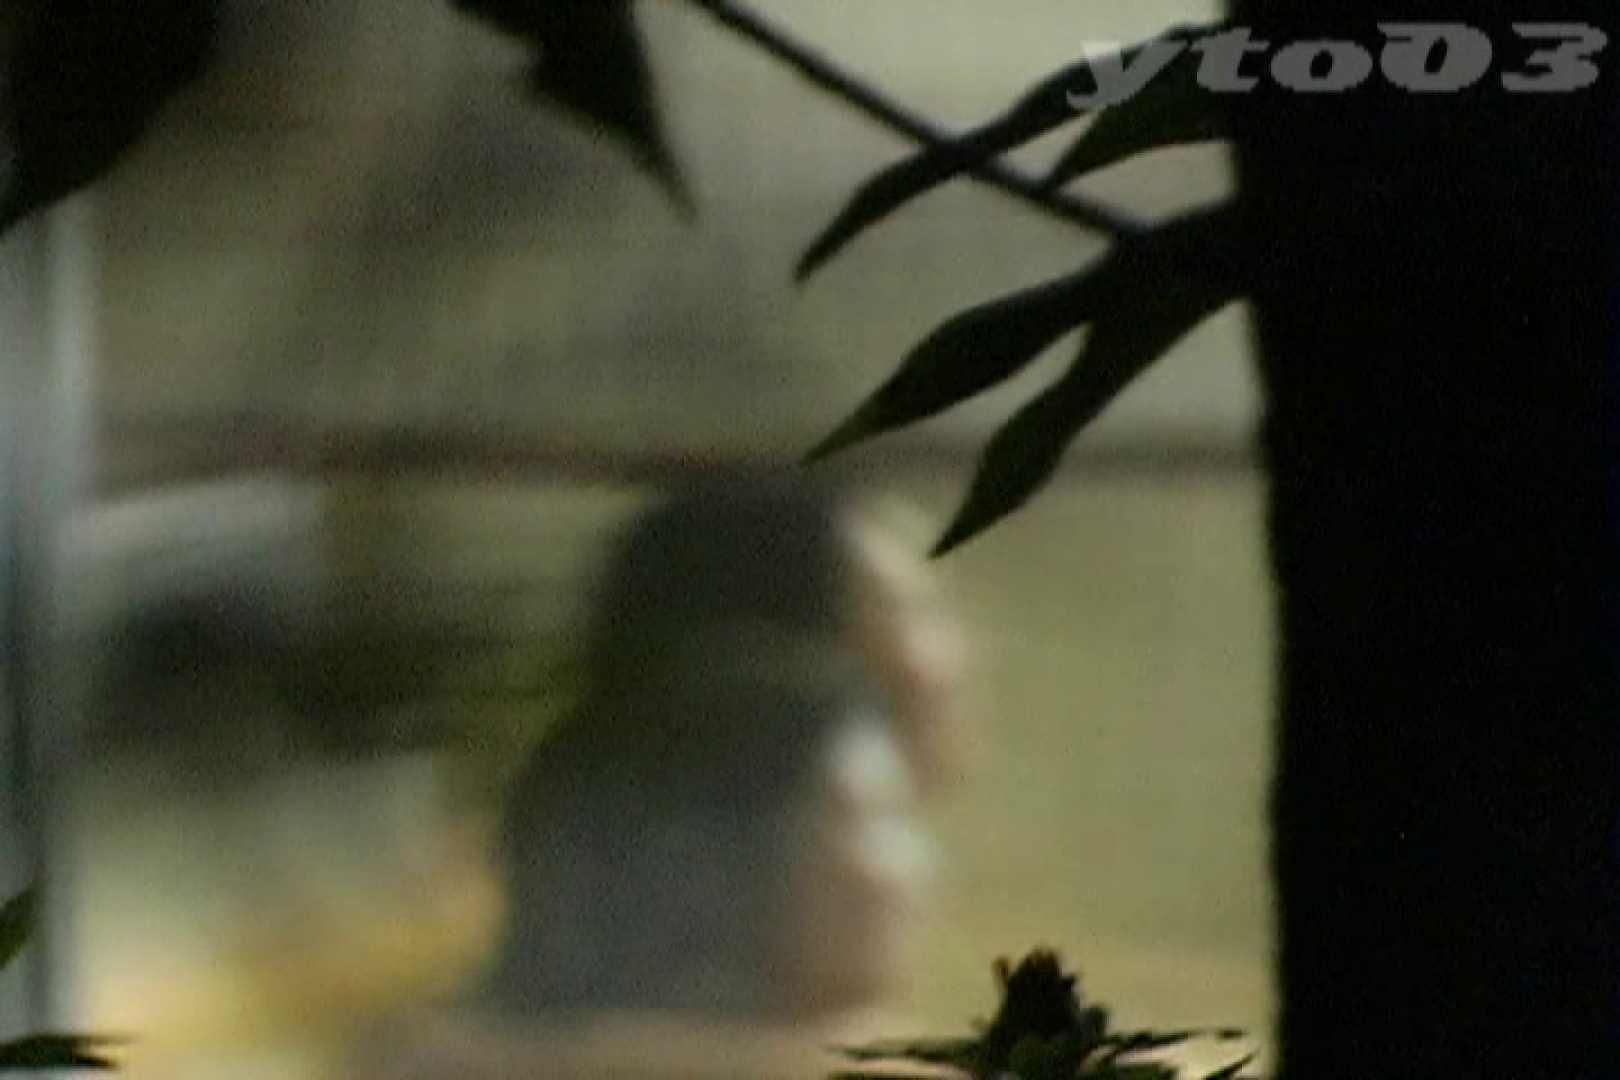 ▲復活限定▲合宿ホテル女風呂盗撮 Vol.20 ホテルの中 エロ画像 91枚 20